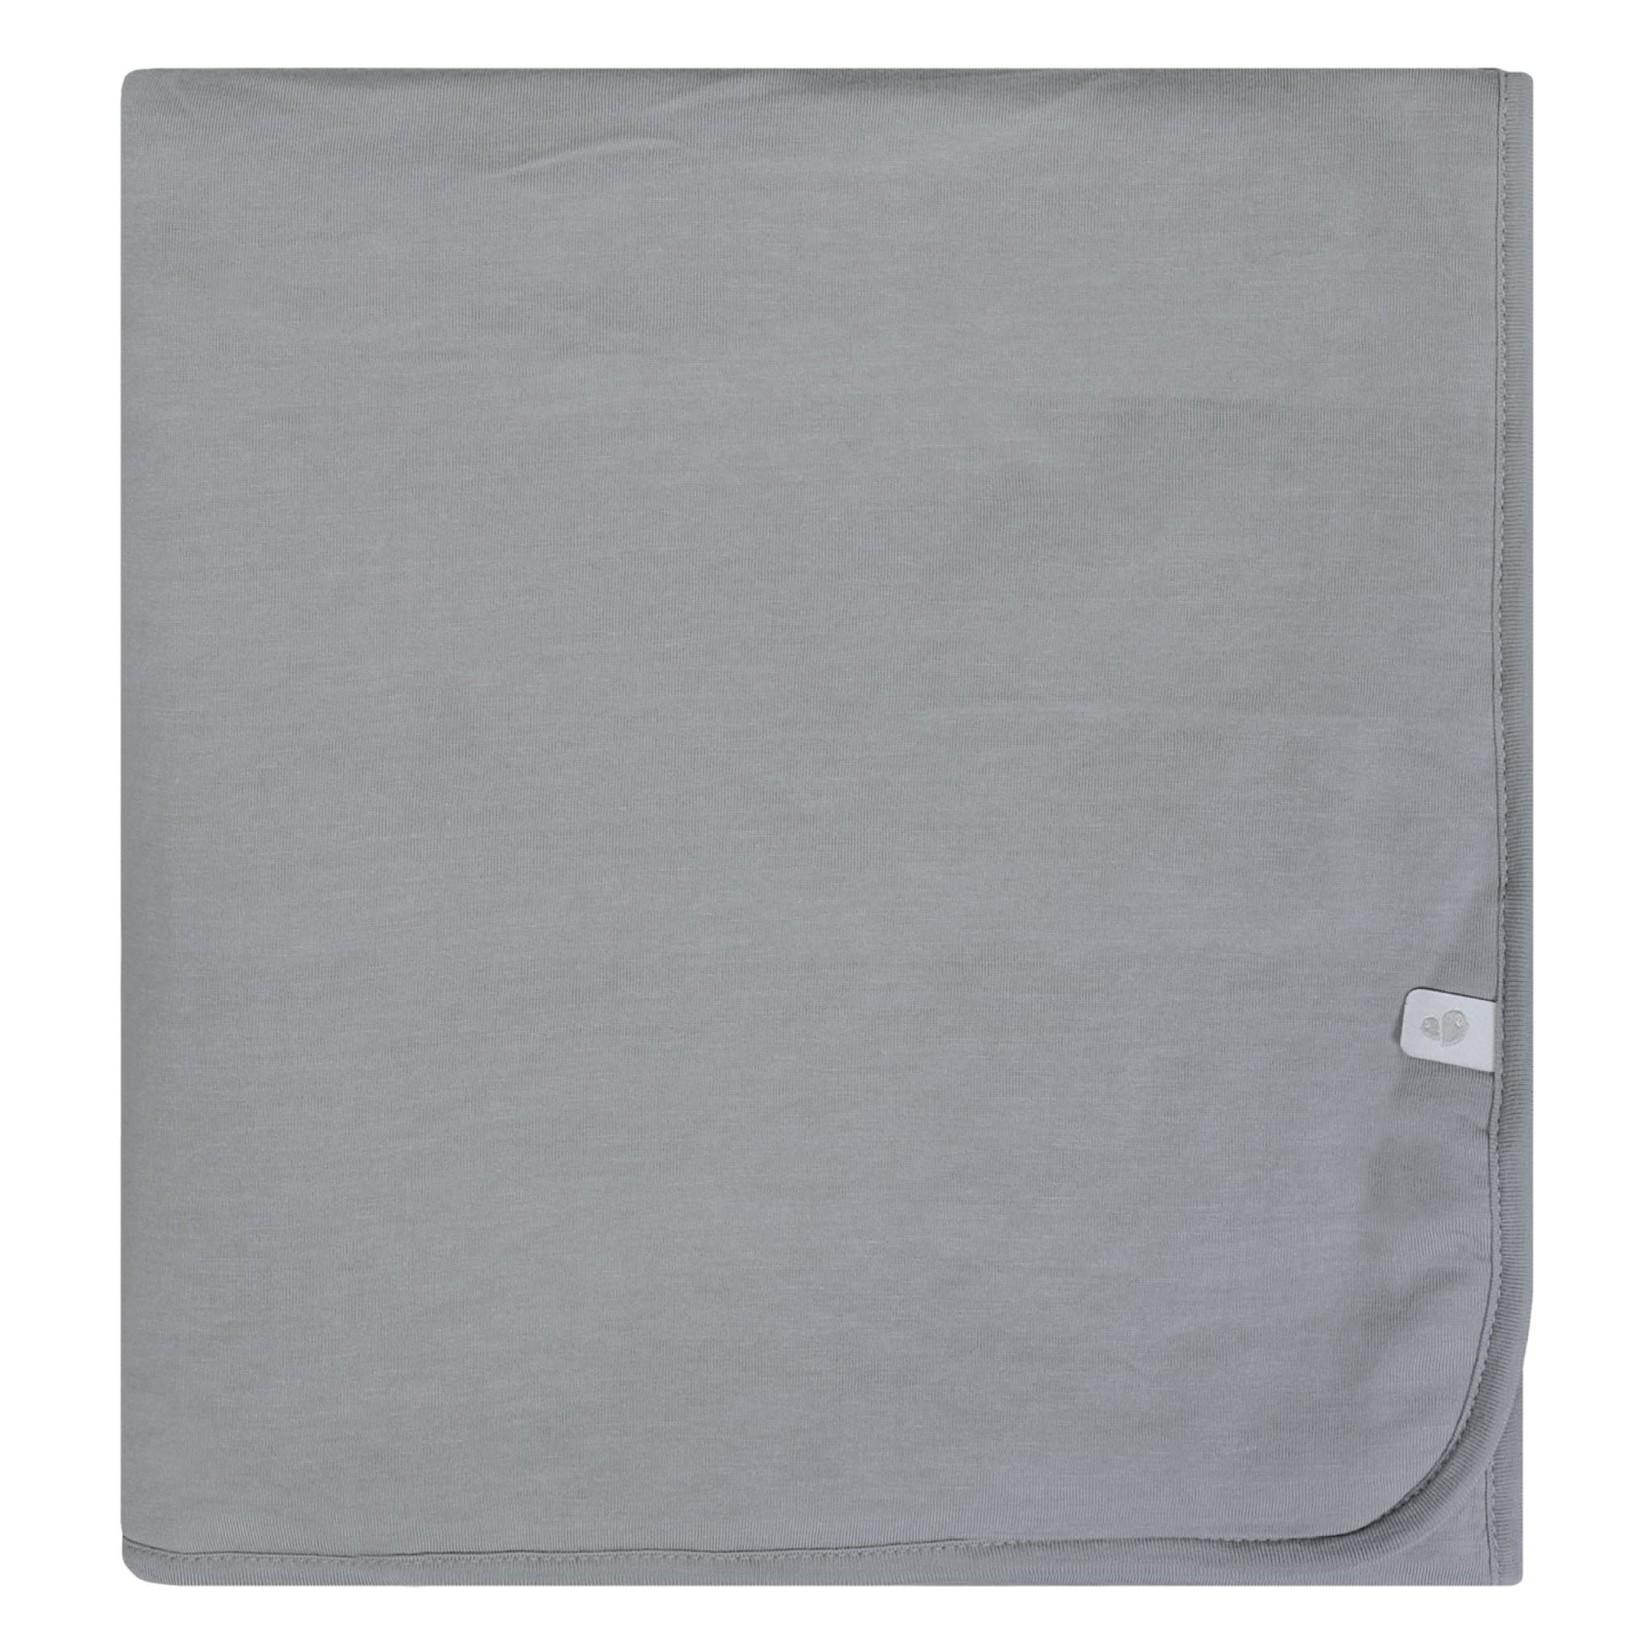 Bamboo Blanket - Pebble Grey